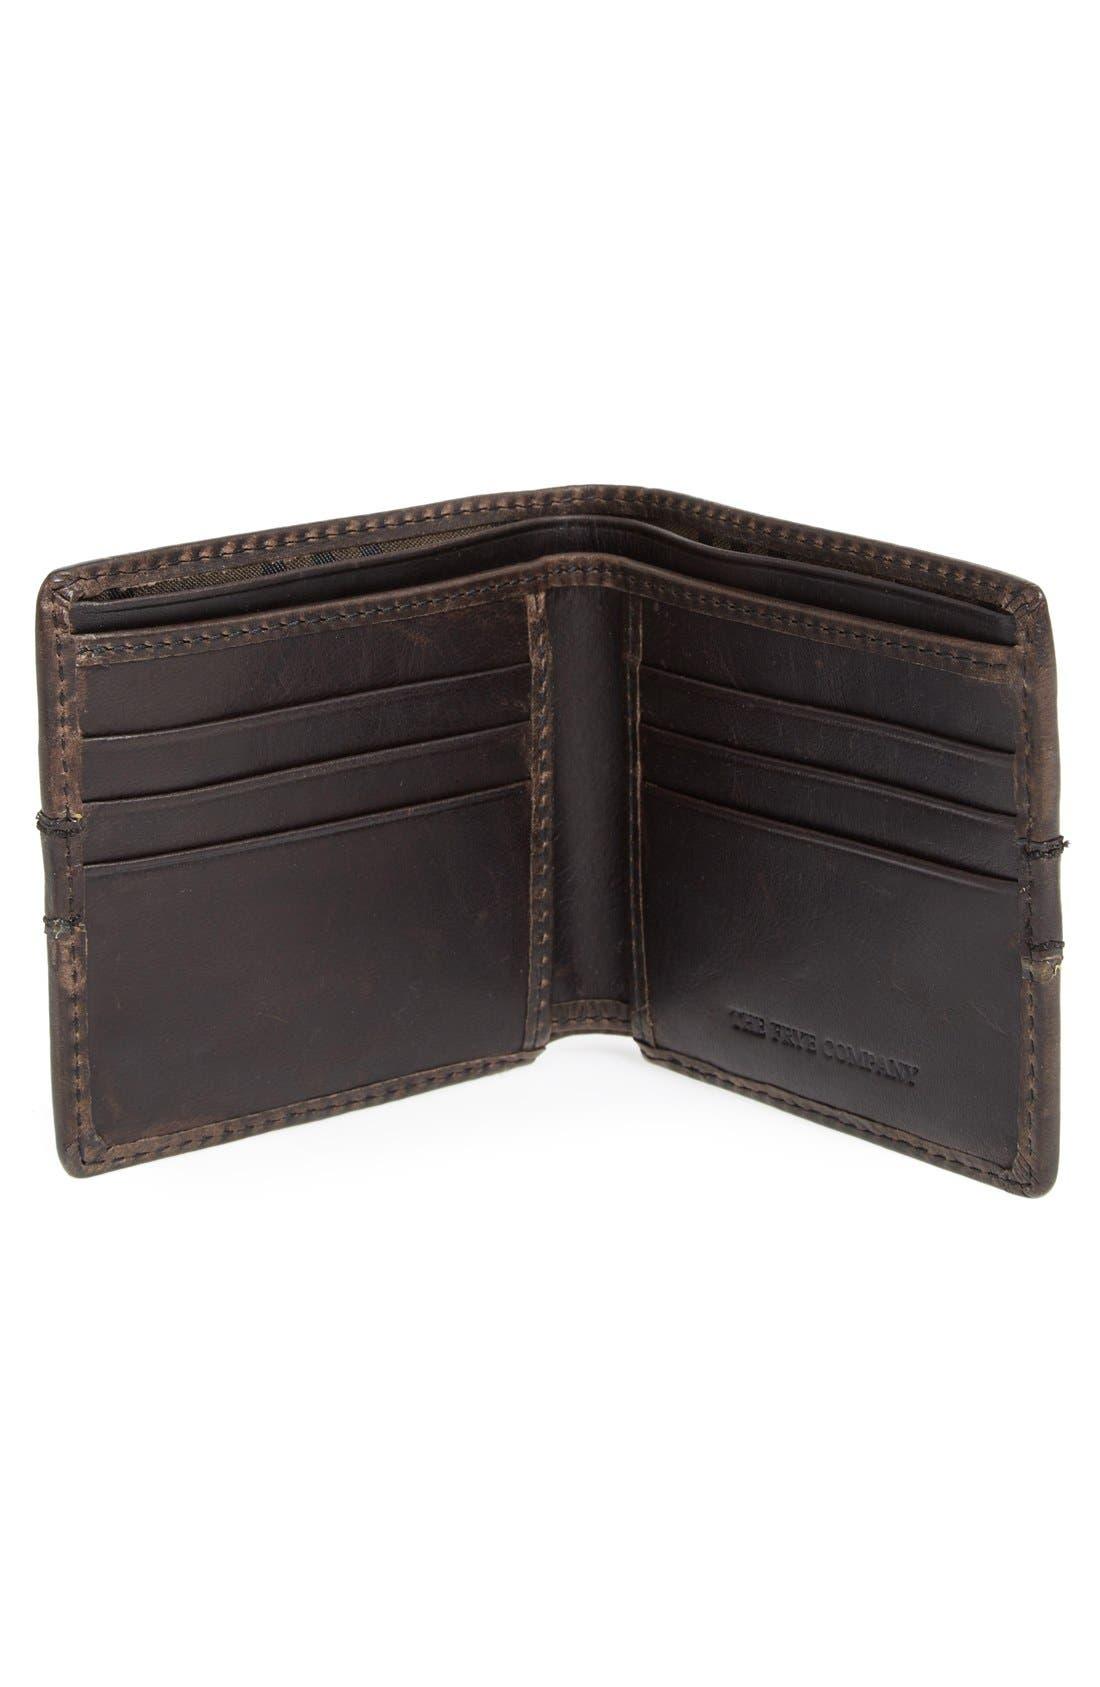 Alternate Image 2  - Frye 'Oliver' Leather Billfold Wallet